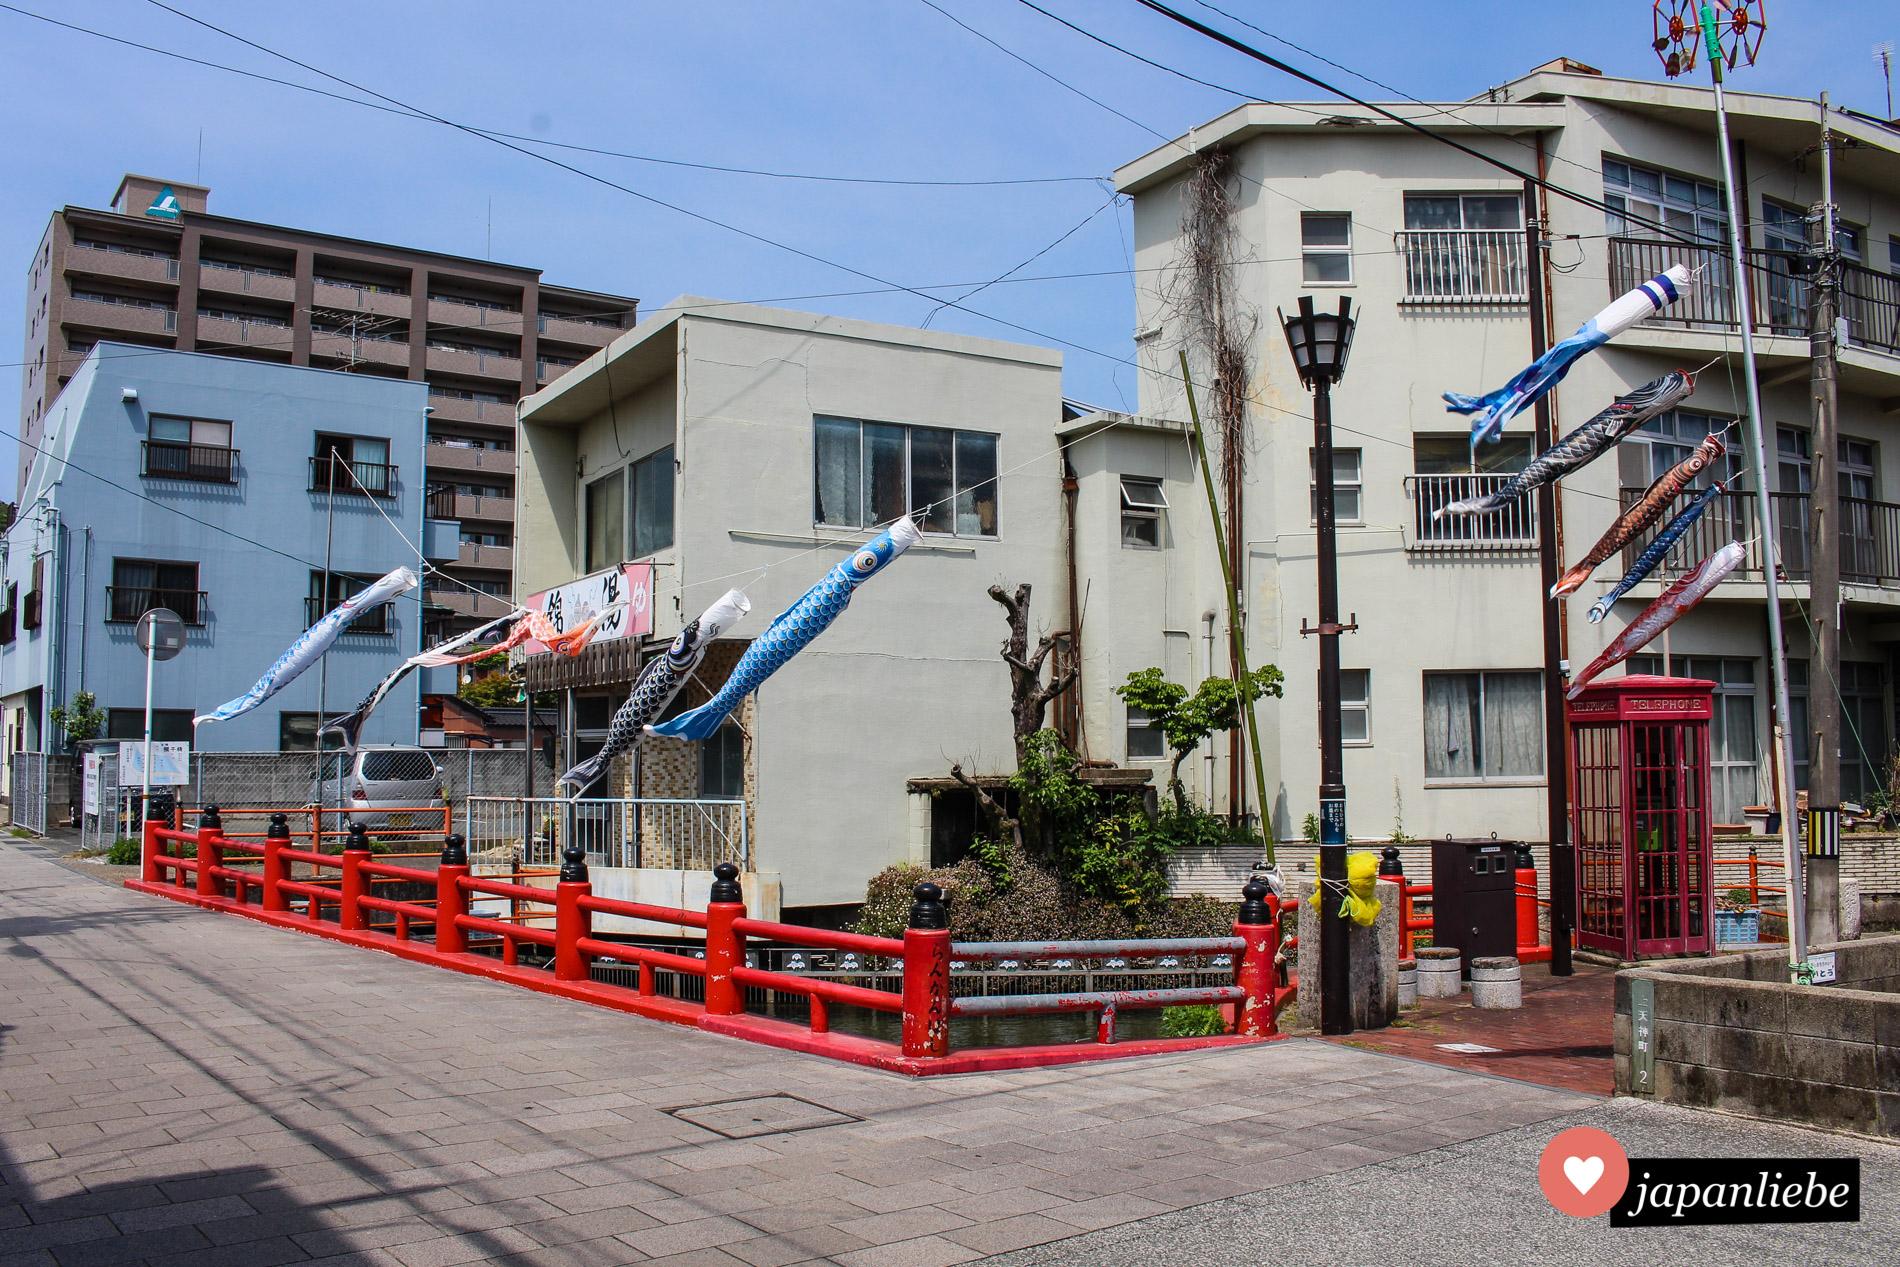 An einem kleinen Bach in der Innenstadt von Hōfu sind Karpfenfahnen zur Deko aufgehängt worden.